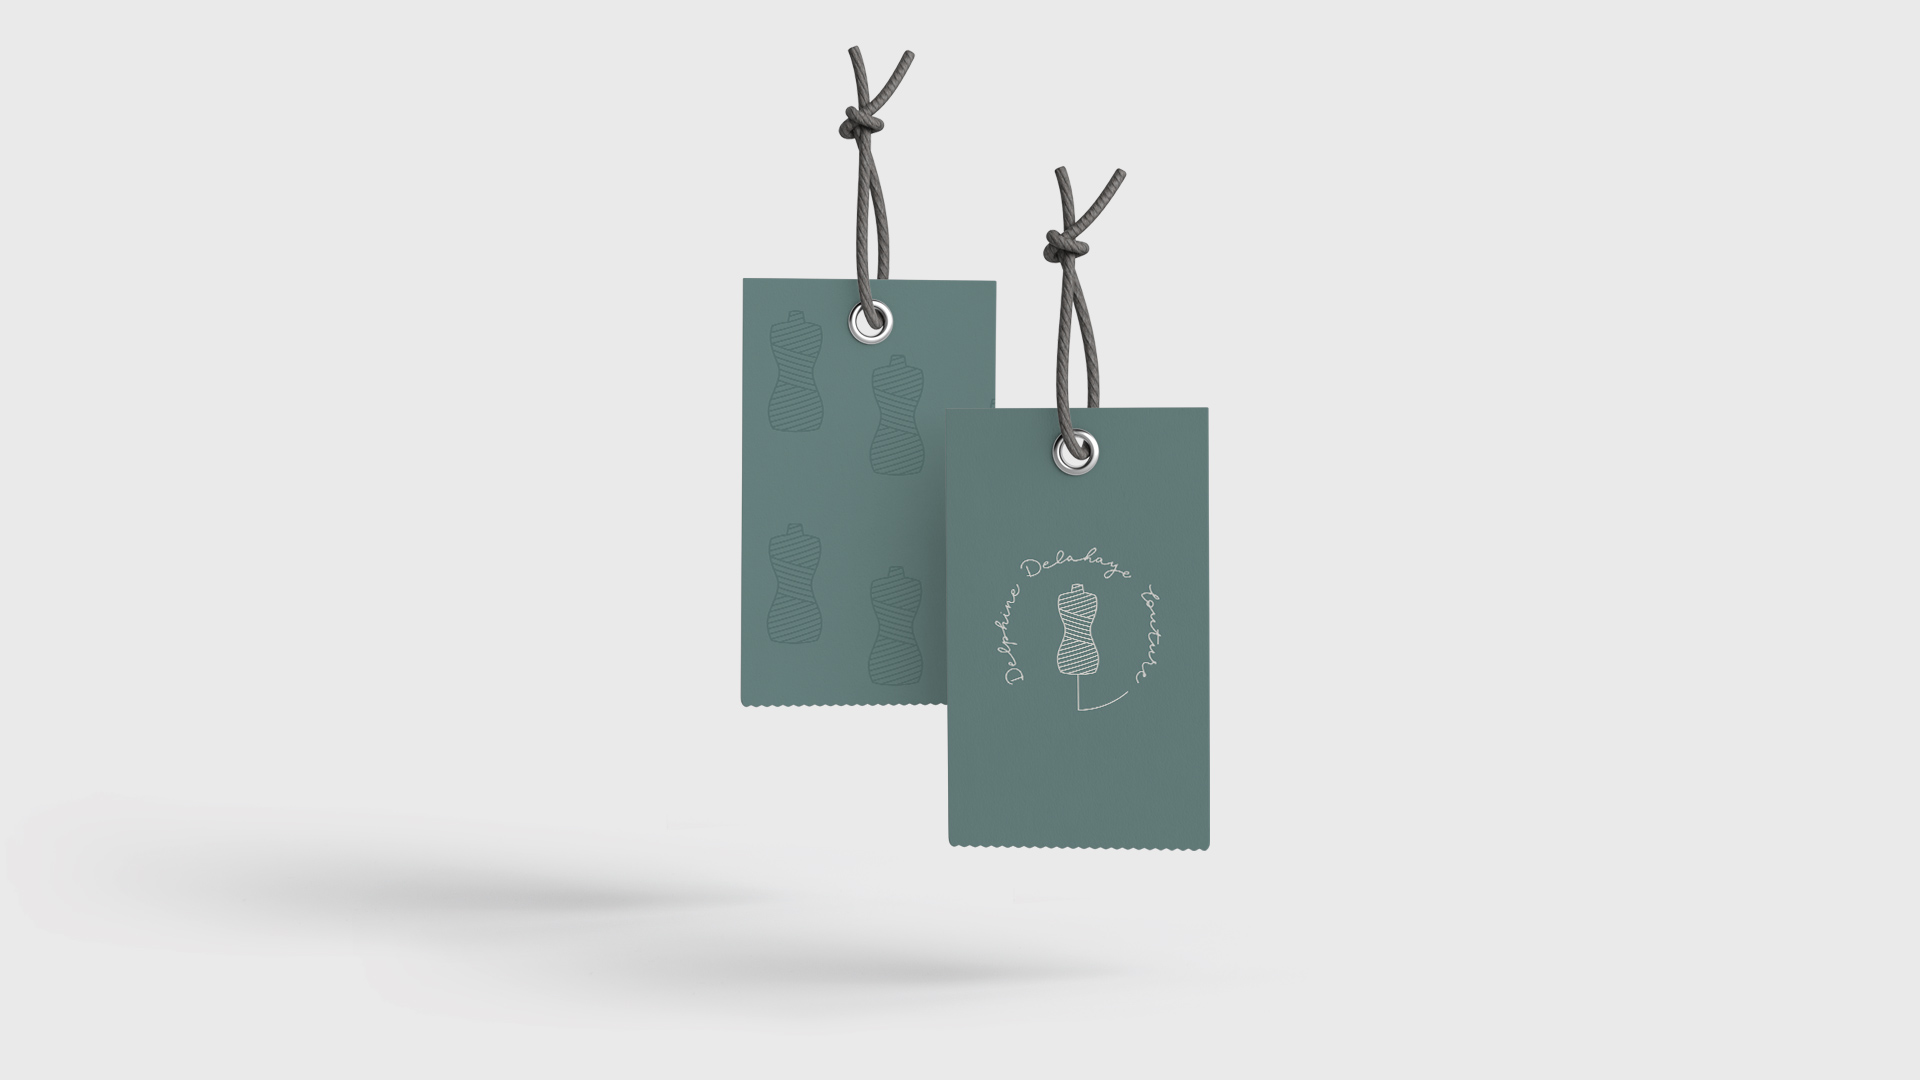 étiquettes de vêtement de delphine delahaye couture